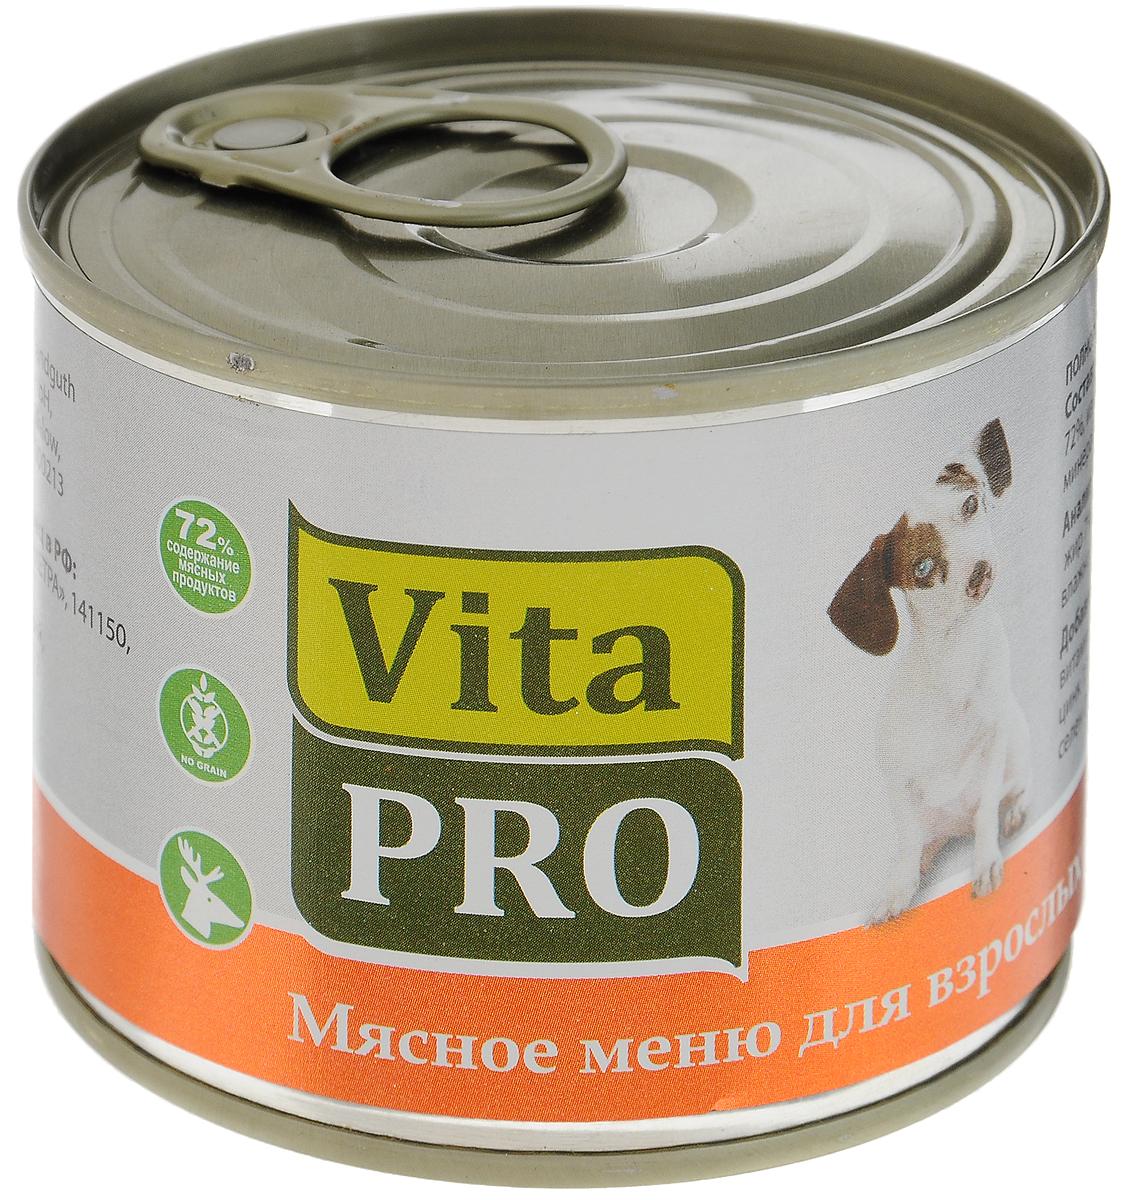 Консервы Vita ProМясное меню для собак, дичь, 200 г90009Корм из натурального мяса без овощей и злаков с добавлением кальция для растущего организма. Не содержит искусственных красителей и усилителей вкуса. Крупнофаршевая текстура.